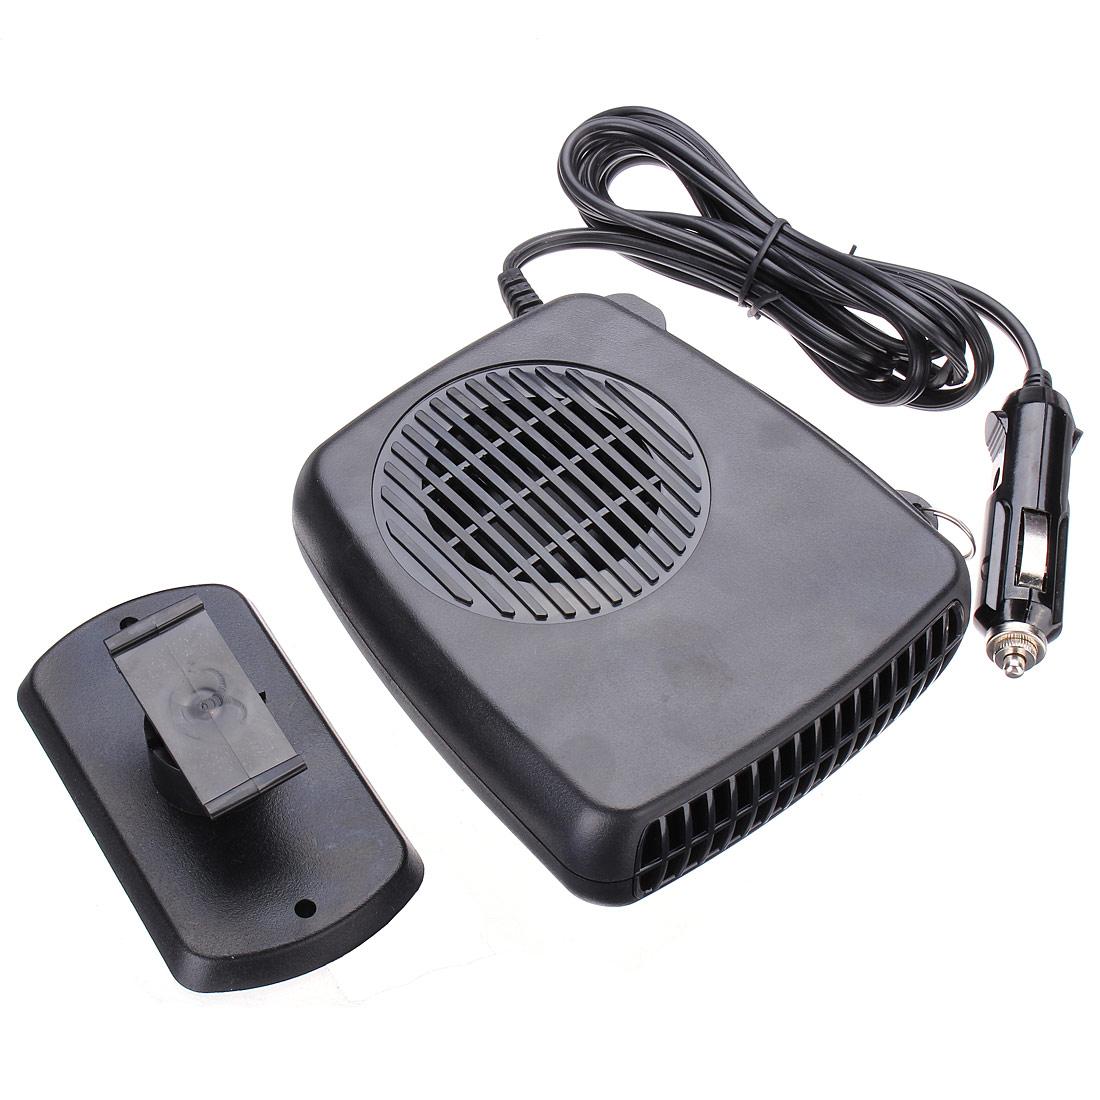 Новое Высокое качество 2 в 1 горячей и холодной 12 В авто портативный керамический нагреватель отопление вентилятор охлаждения стекол черный